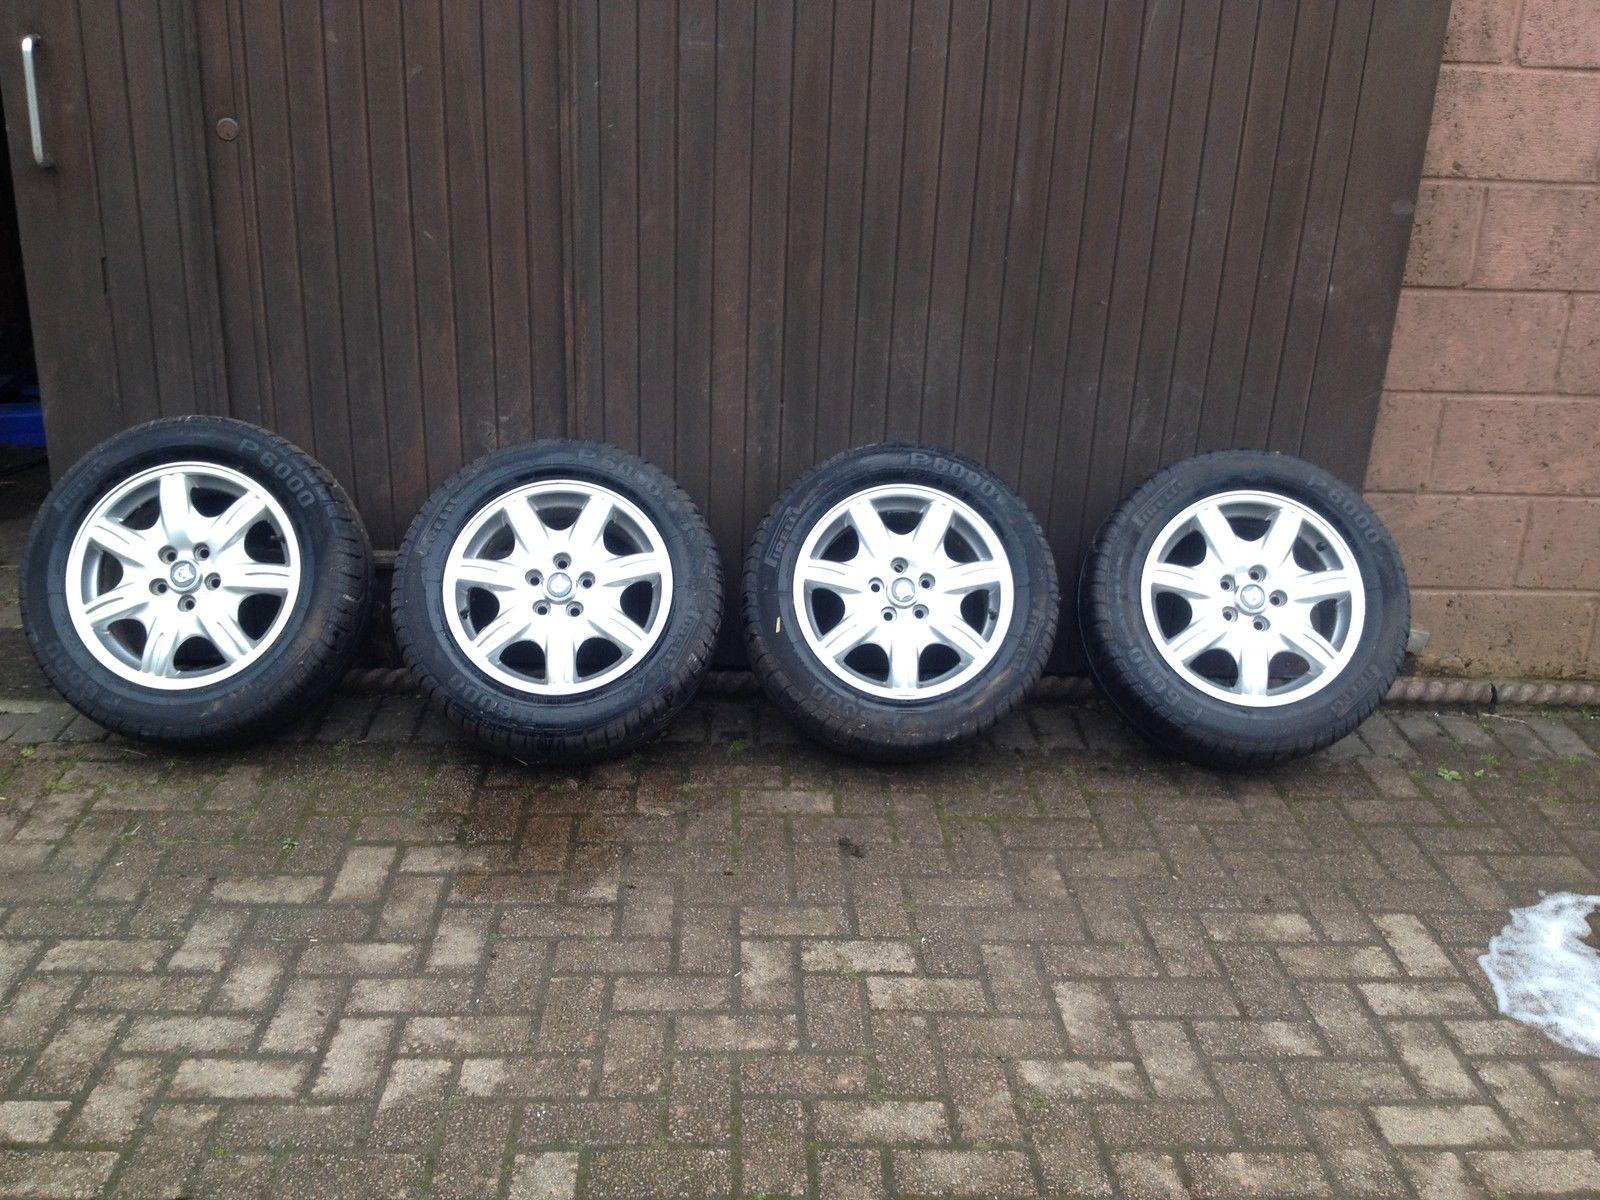 Jag wheels.jpg